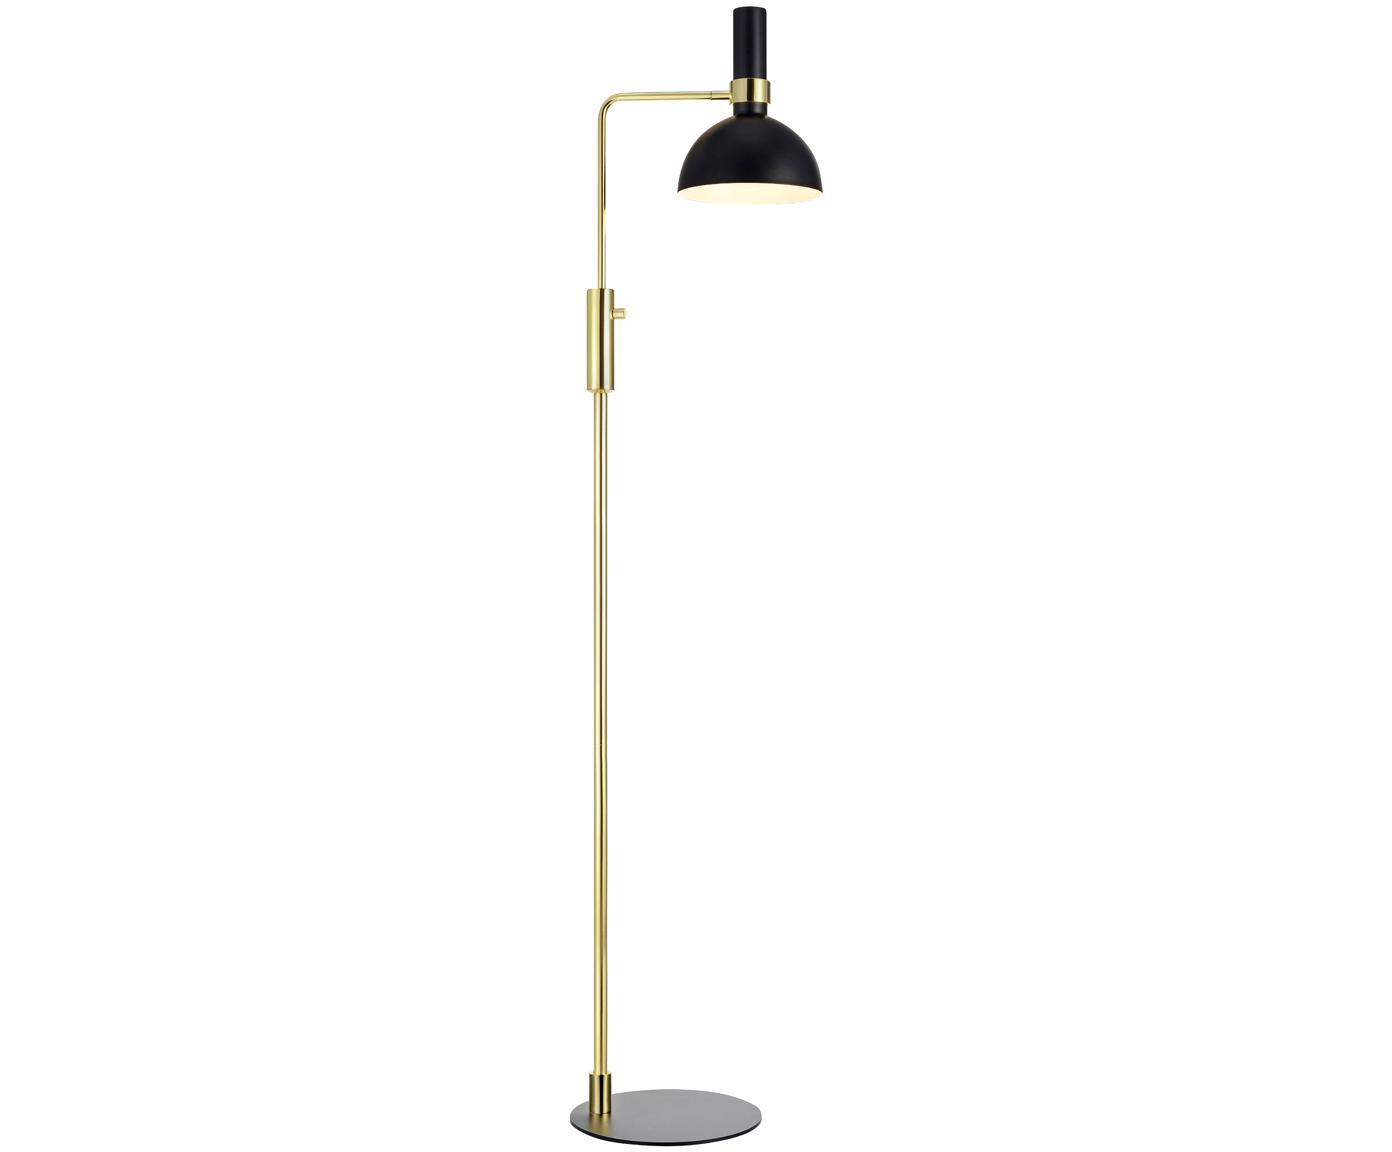 Lampa podłogowa z regulacją wysokości Larry, Czarny, mosiądz, S 33 x W 146 cm